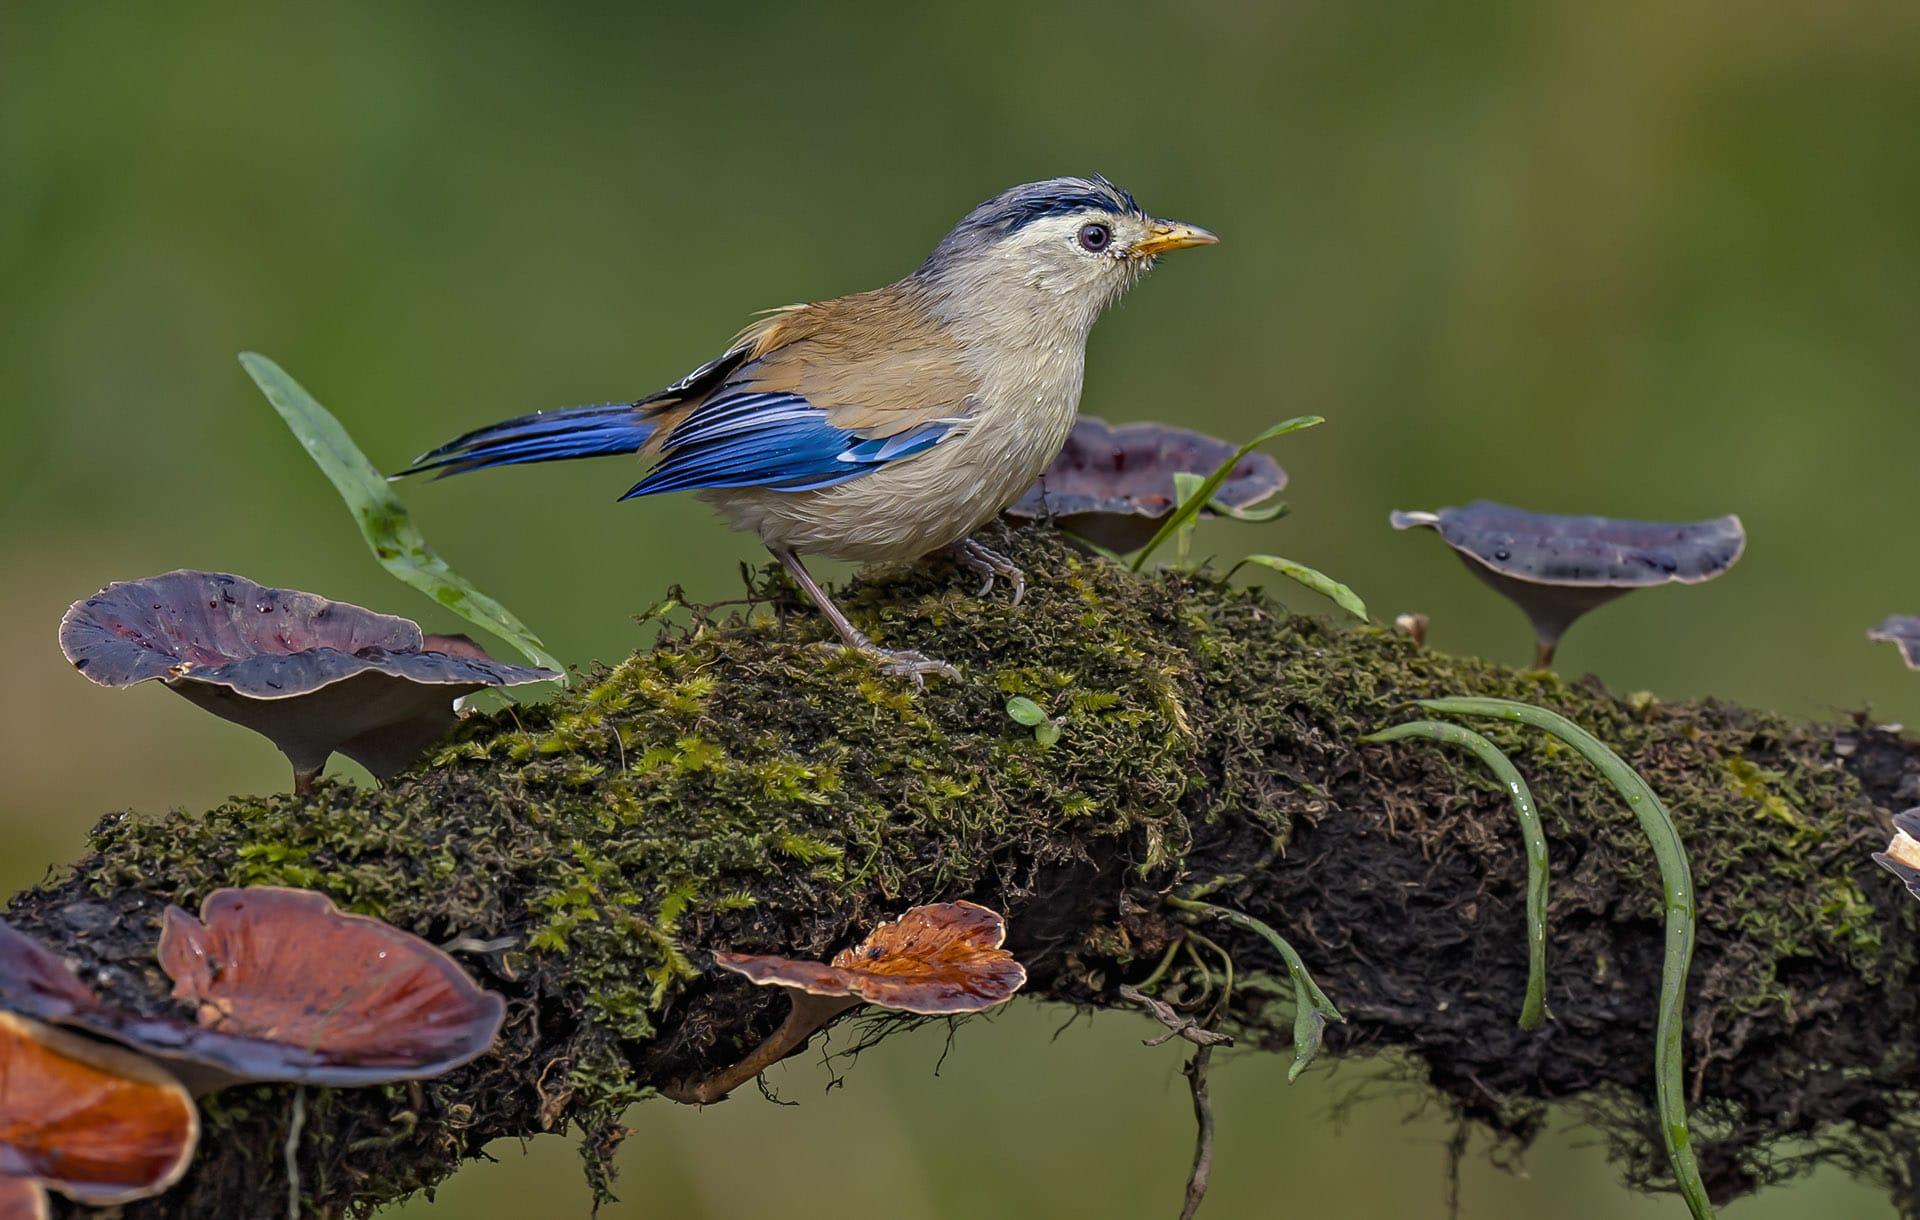 uttarakhand-kedarnath-wls-blue-winged-minla-on-mushrooms